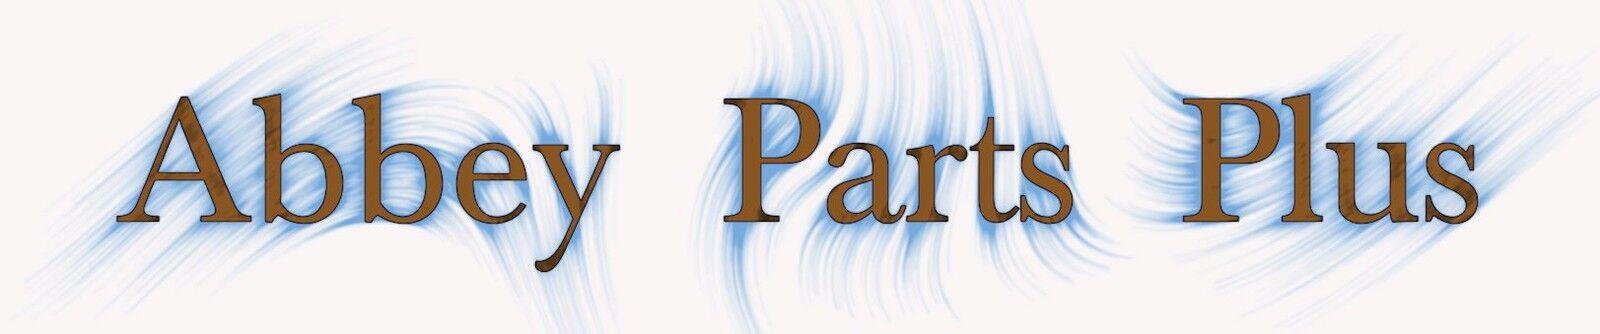 Abbey Parts Plus